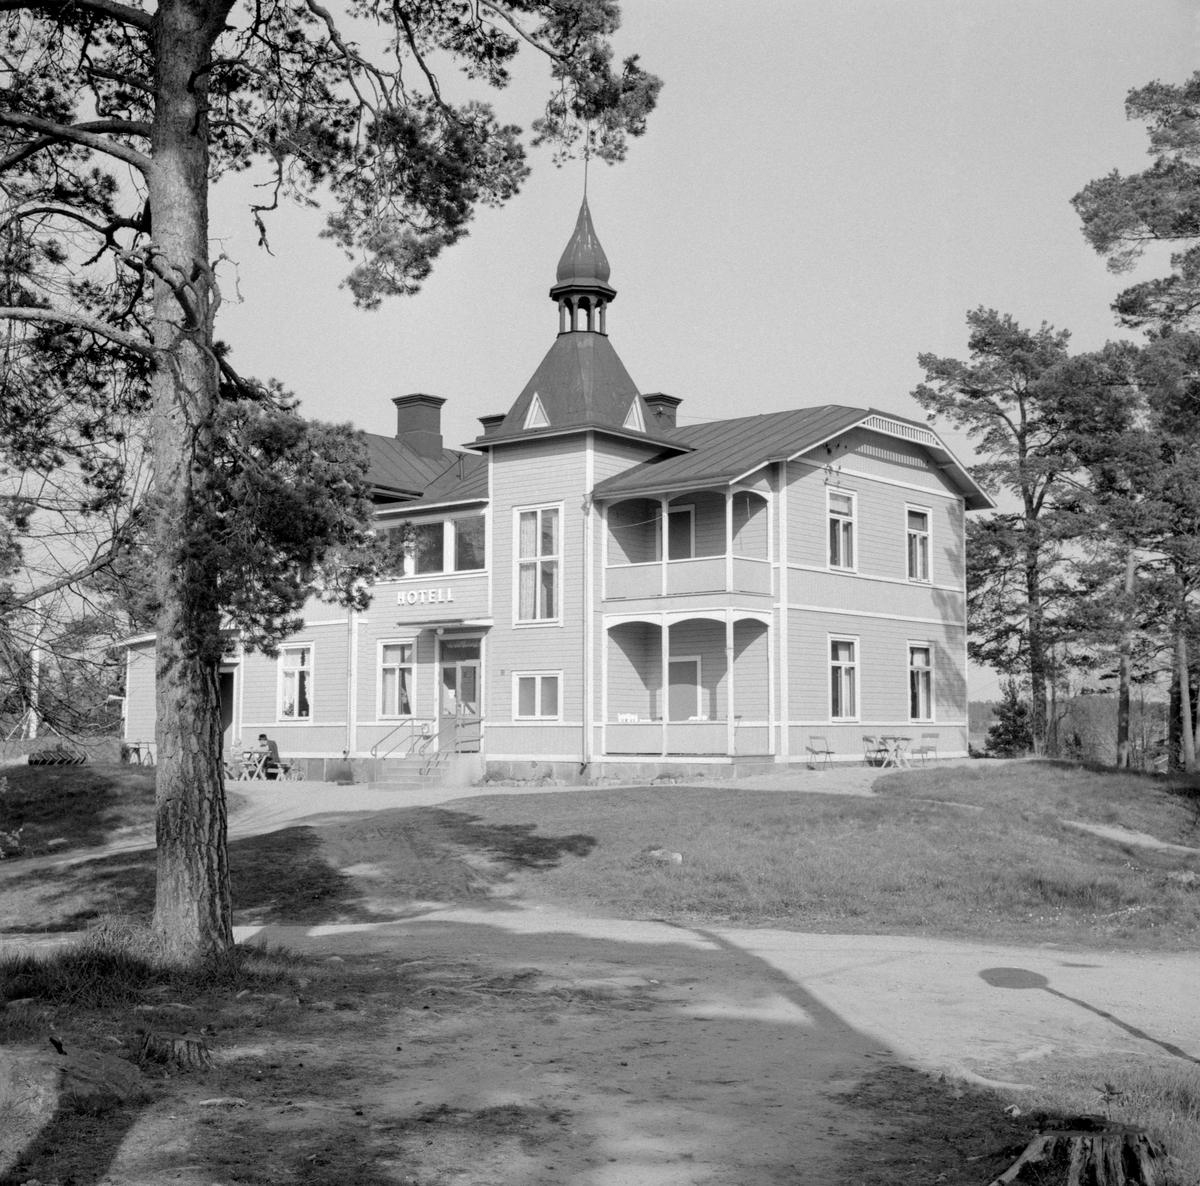 Arkösunds hotell uppfördes 1895, vilket sammanföll med att järnväg dragits till platsen. Dessa händelser blev början av Arkösund som samhälle. Hotellet moderniserades 1945 och har senare kraftigt om- och tillbyggts. Bilden visar hur anläggningen tog sig ut 1965.